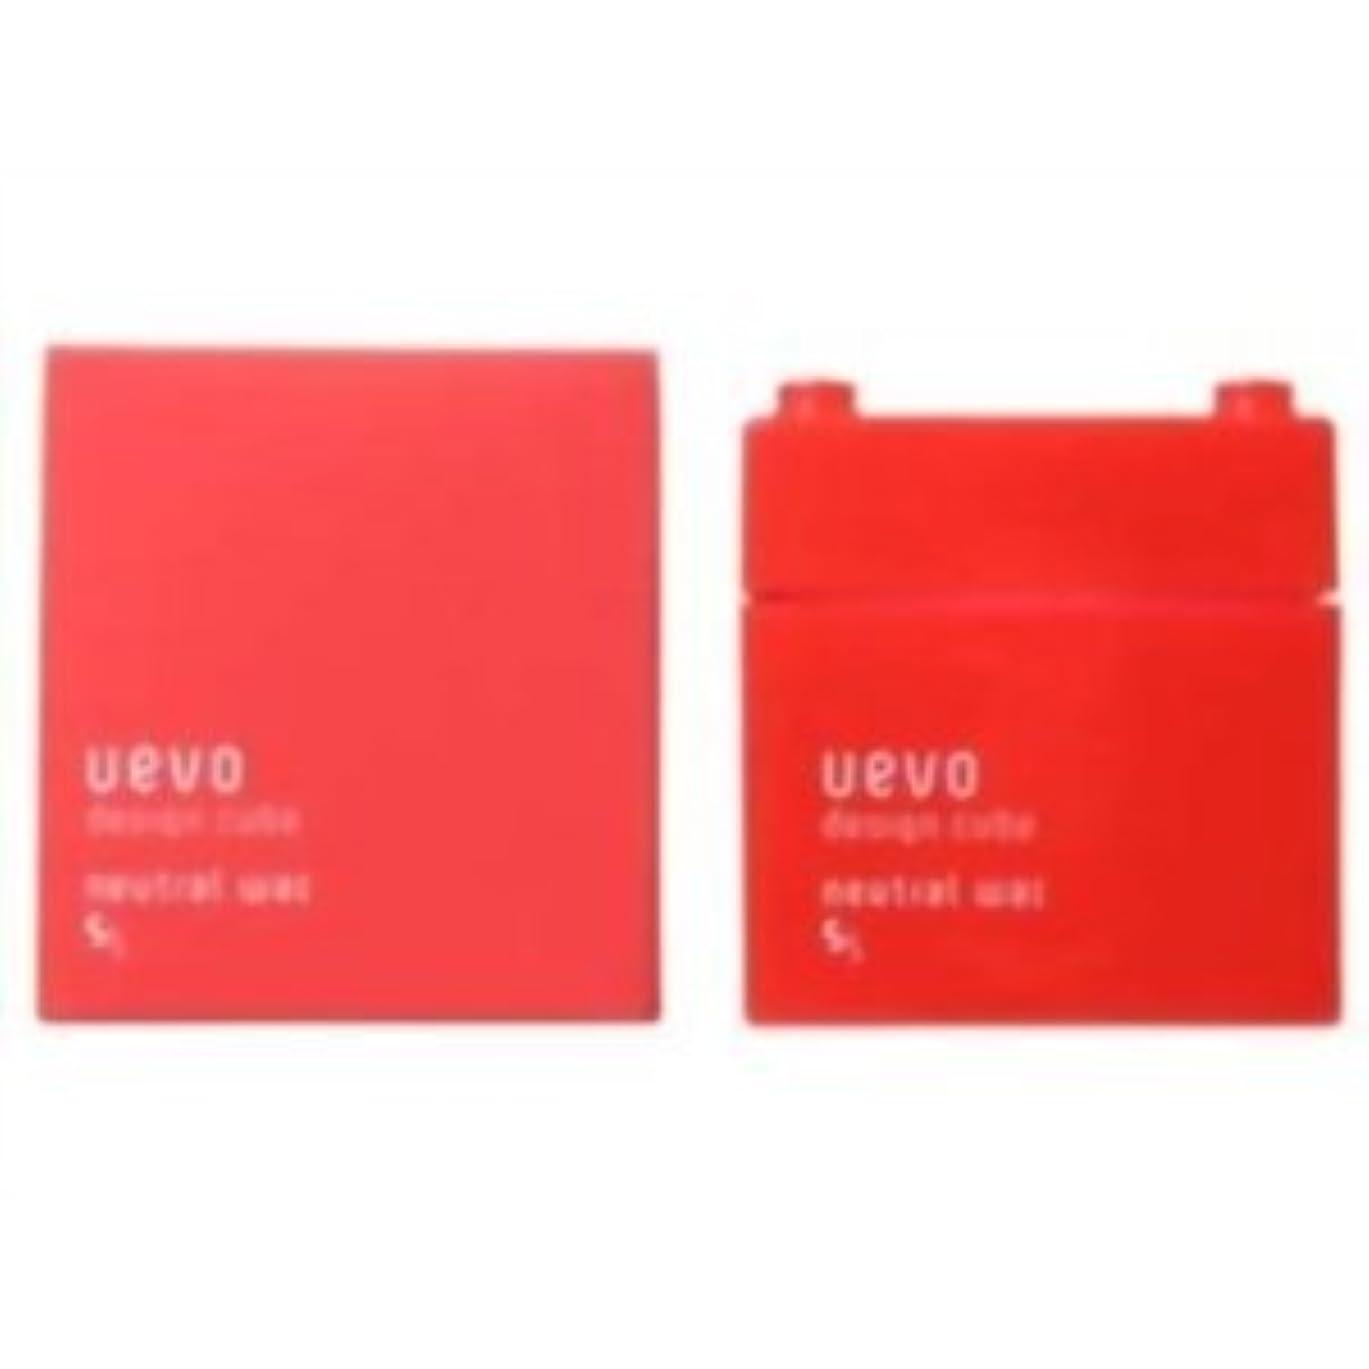 飢葡萄不従順【X2個セット】 デミ ウェーボ デザインキューブ ニュートラルワックス 80g neutral wax DEMI uevo design cube